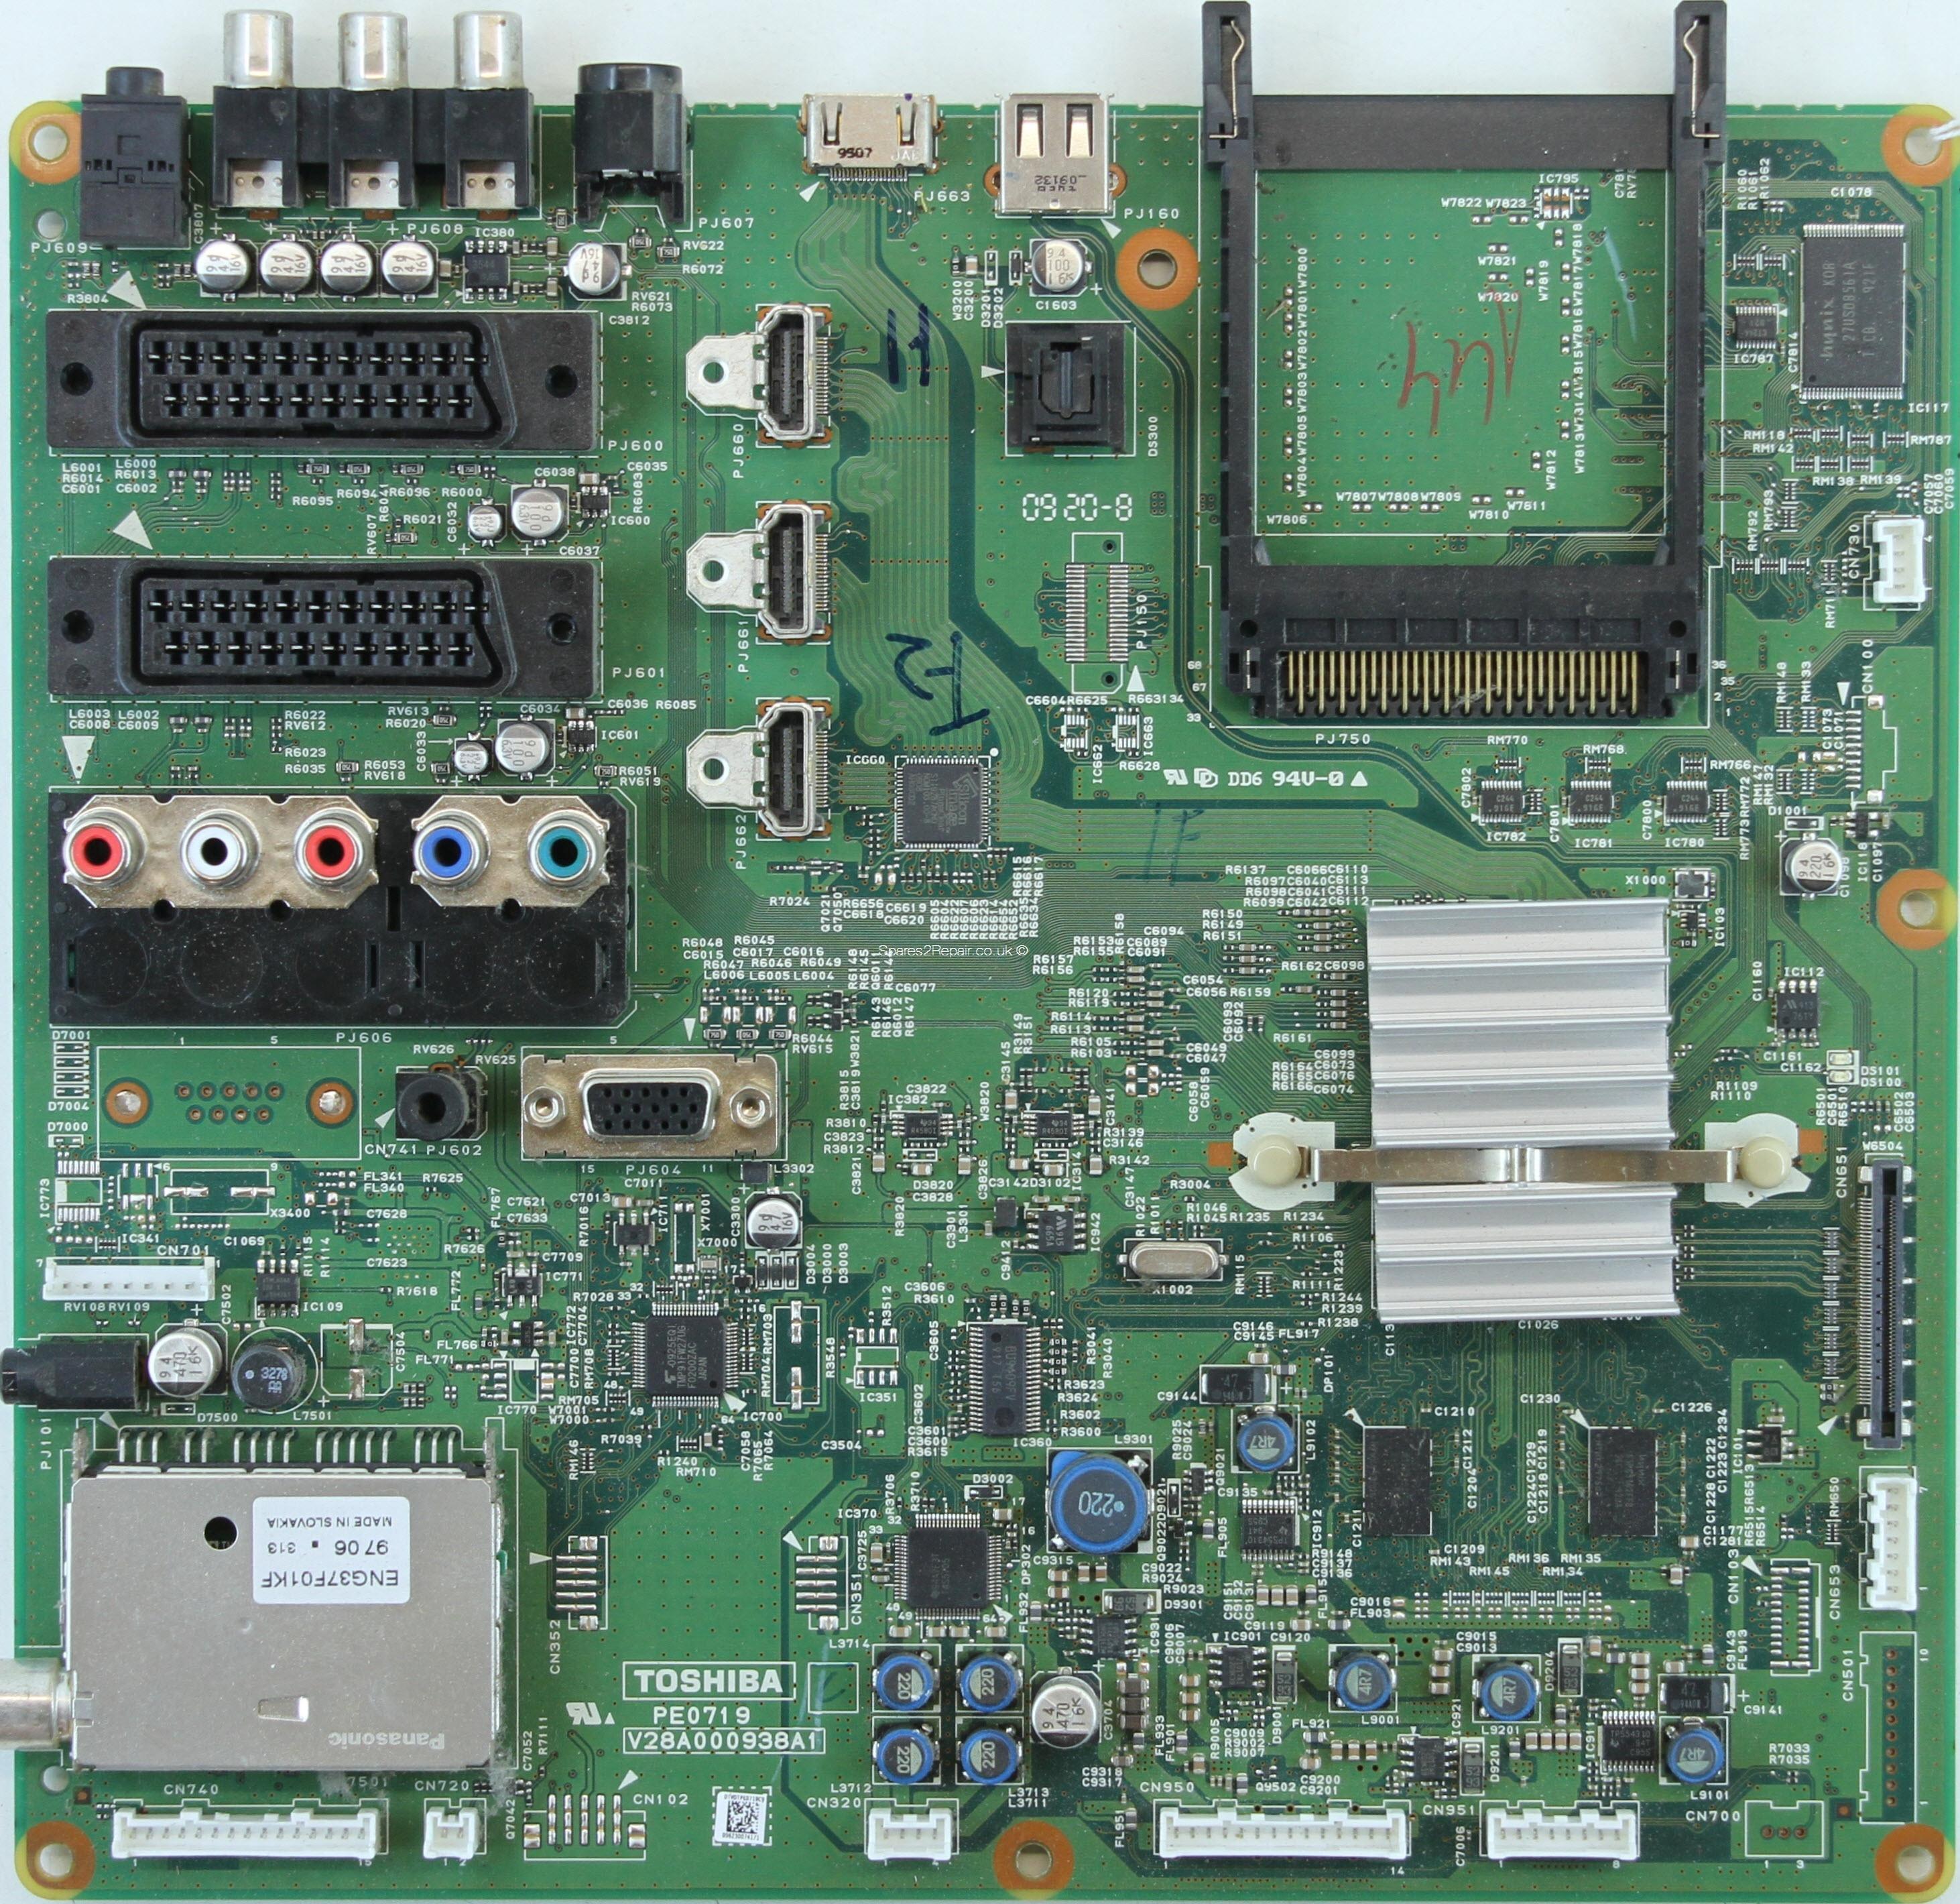 Toshiba 15sldt2 схема